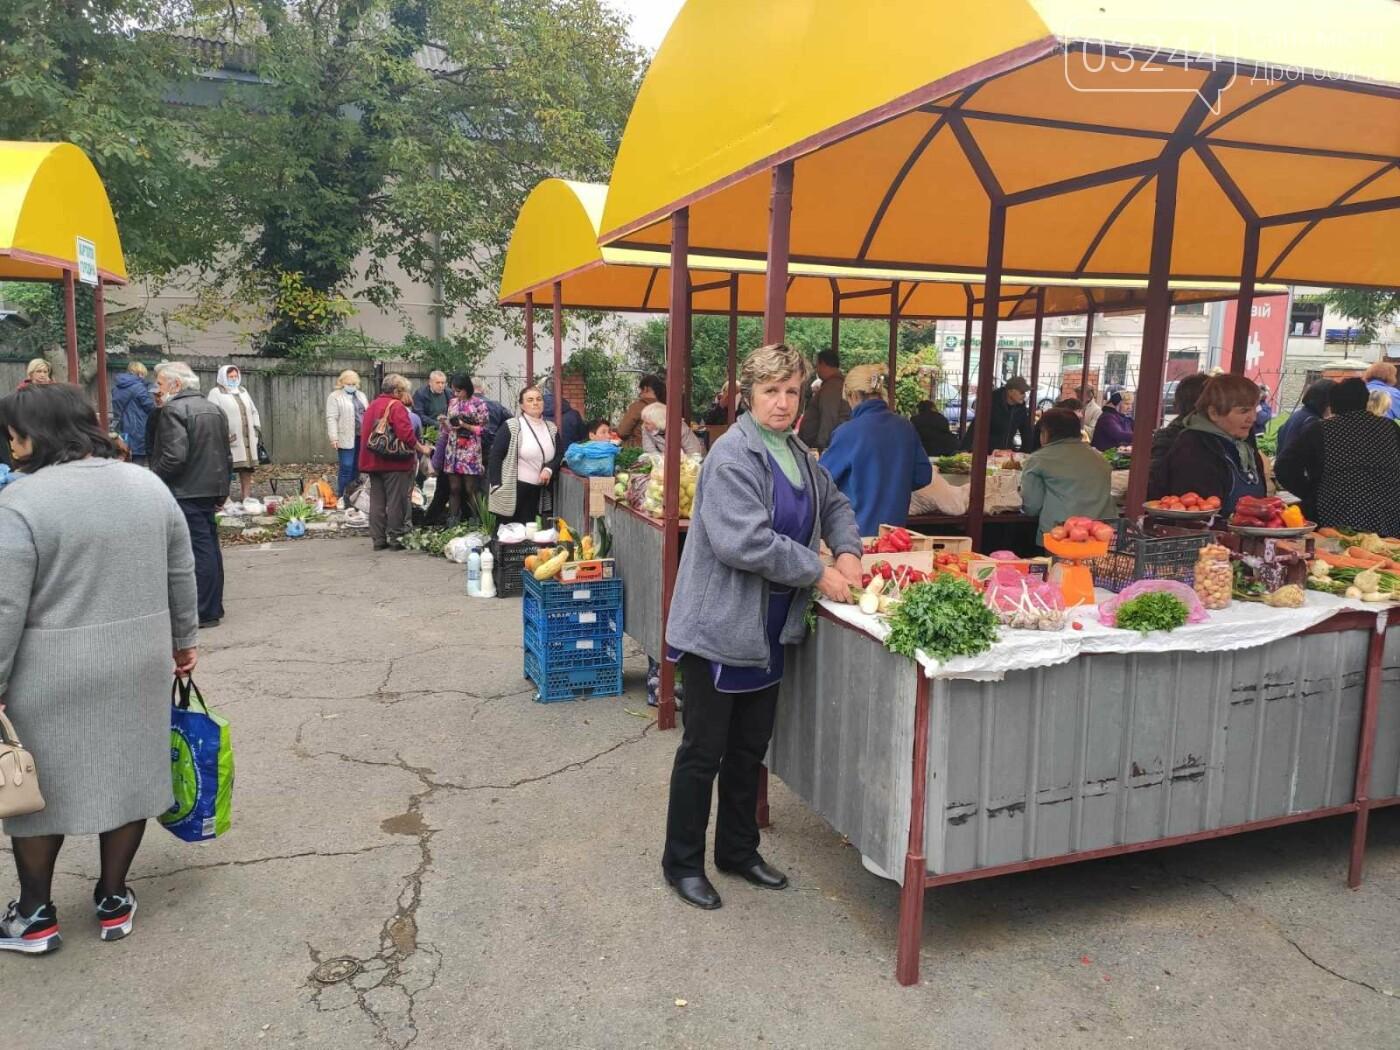 У Дрогобичі зрушення - стихійні торговці із Ковальської перейшли на новооблаштований ринок, - ФОТОРЕПОРТАЖ, фото-3